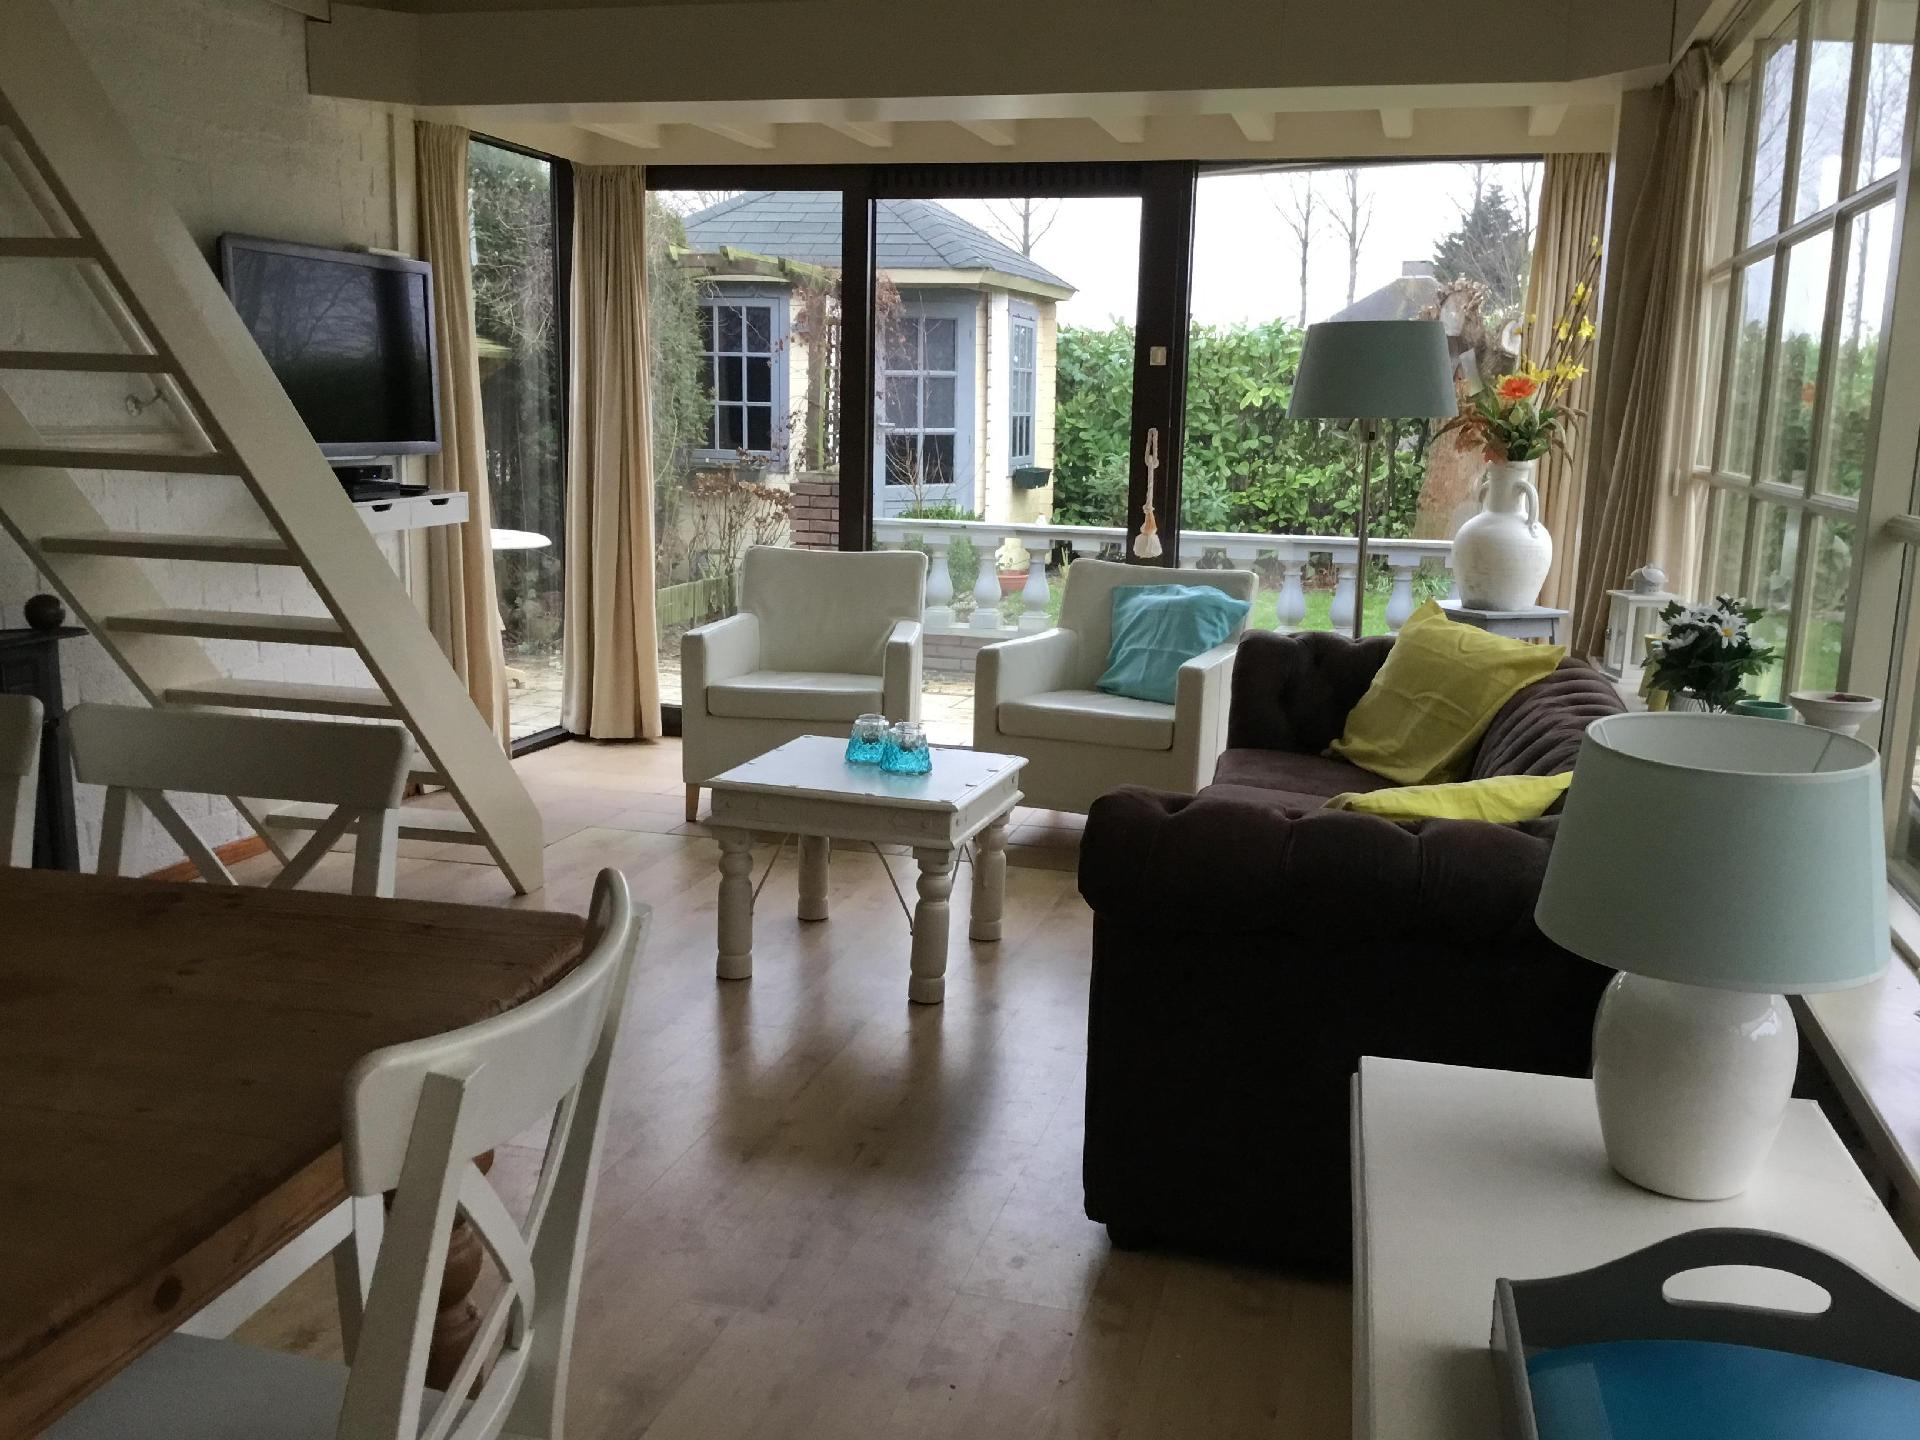 Ferienhaus für 4 Personen 2 Kinder ca 73 m² in Stavenisse Zeeland Küste von Zeeland